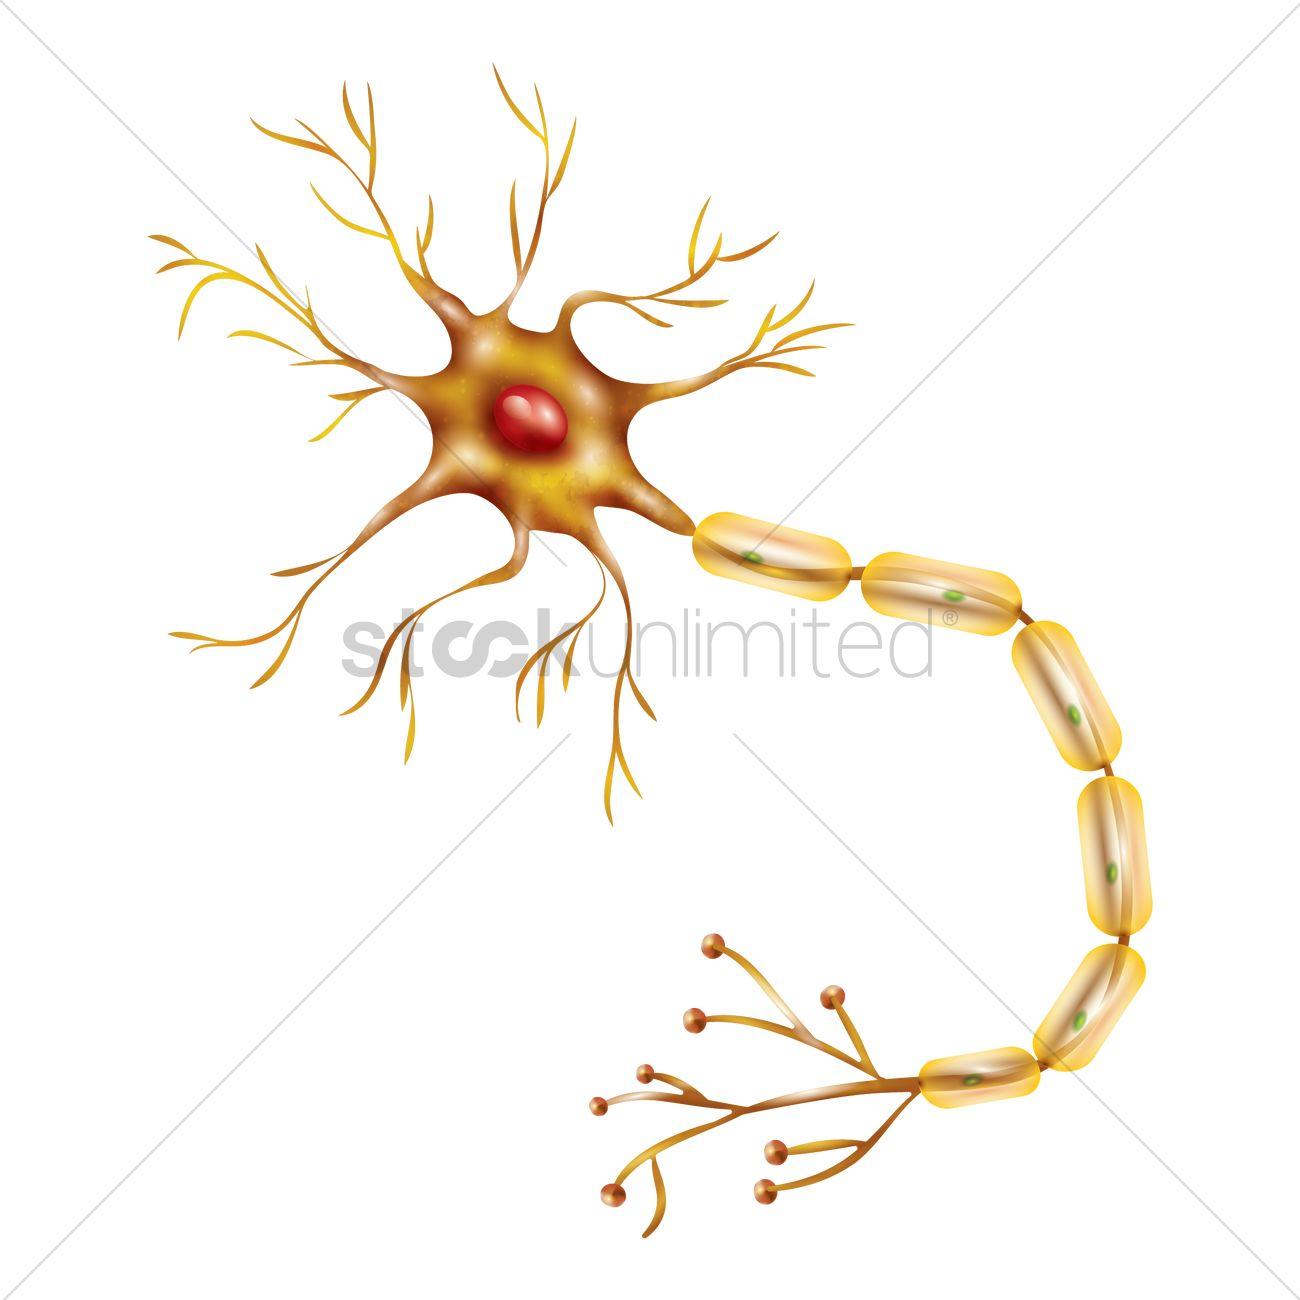 Motor Neuron Vector Image